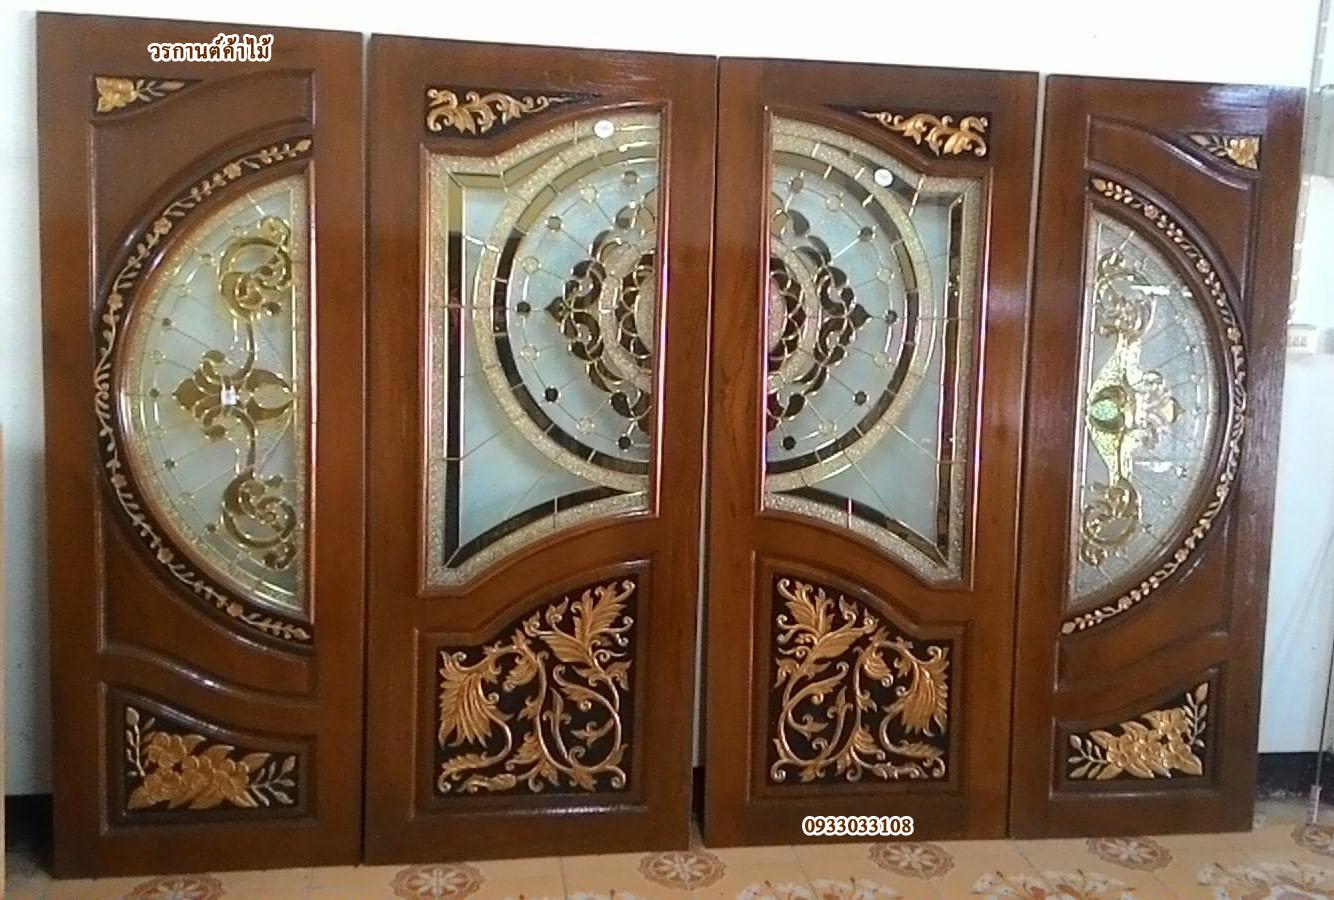 ประตูไม้สักกระจกนิรภัยปีกนกบานเฟี้ยม ชุด4ชิ้น รหัสAAA22